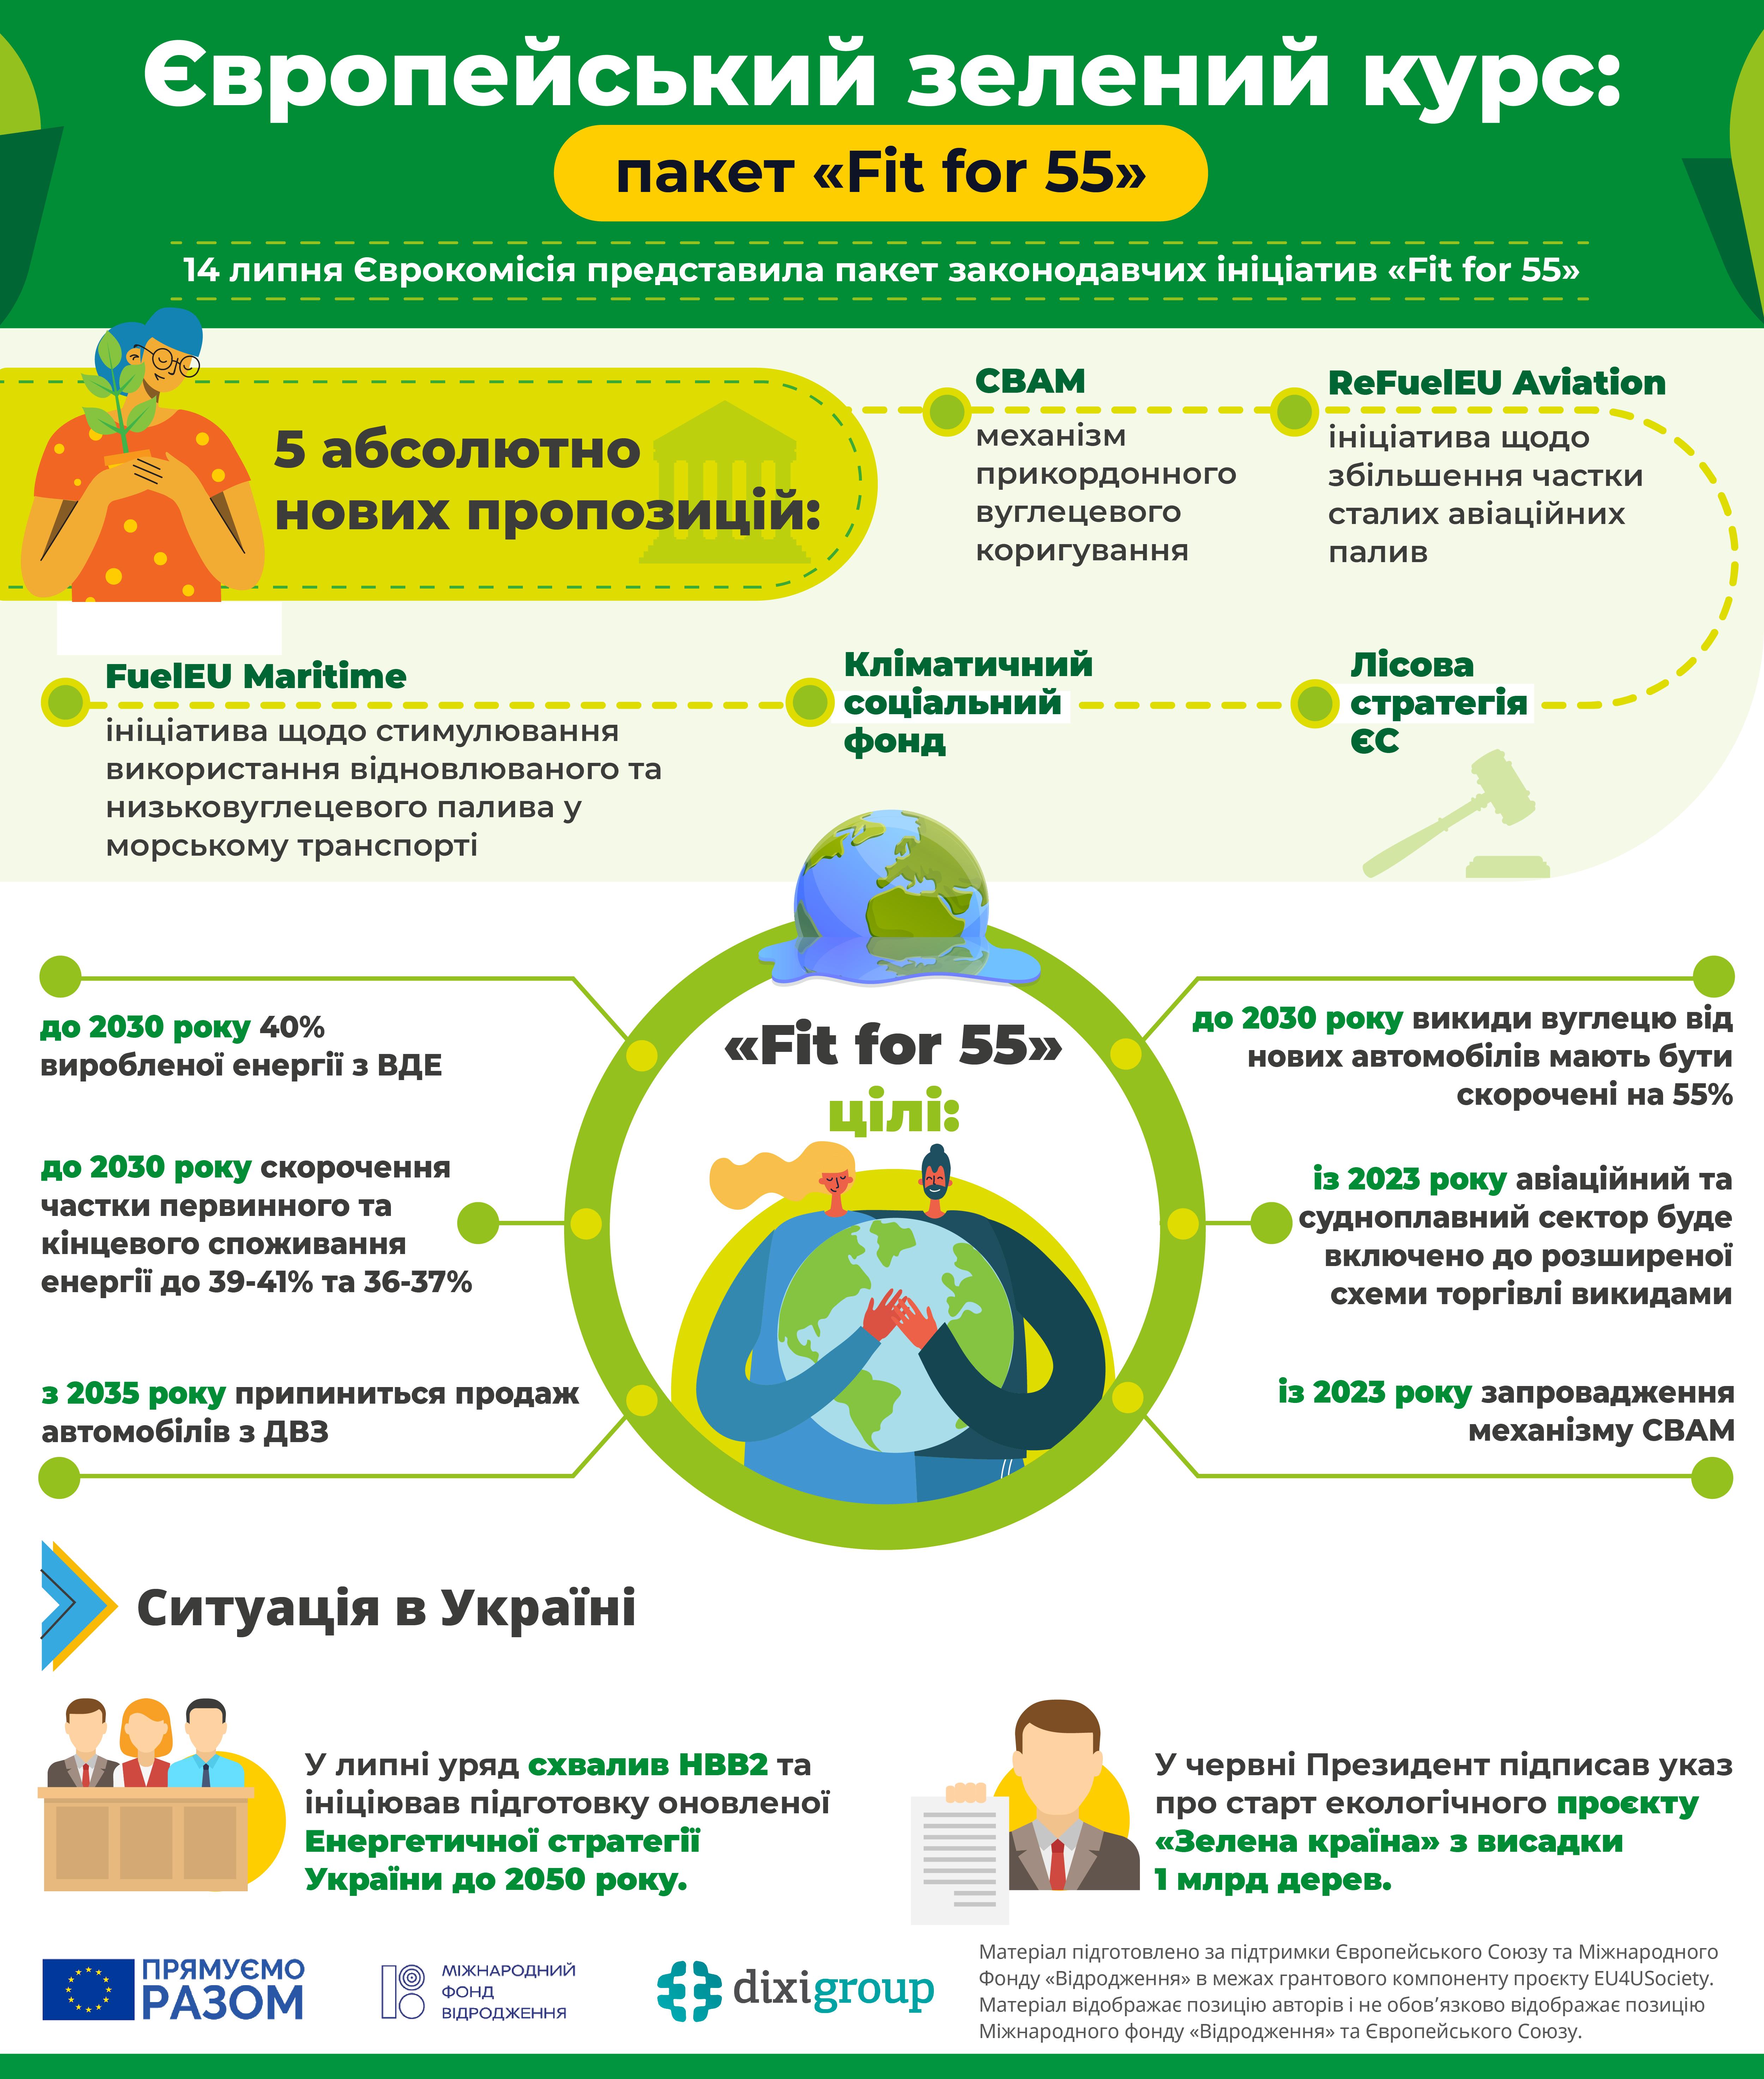 ЄЗК: Пакет «Fit for 55» (інфографіка)